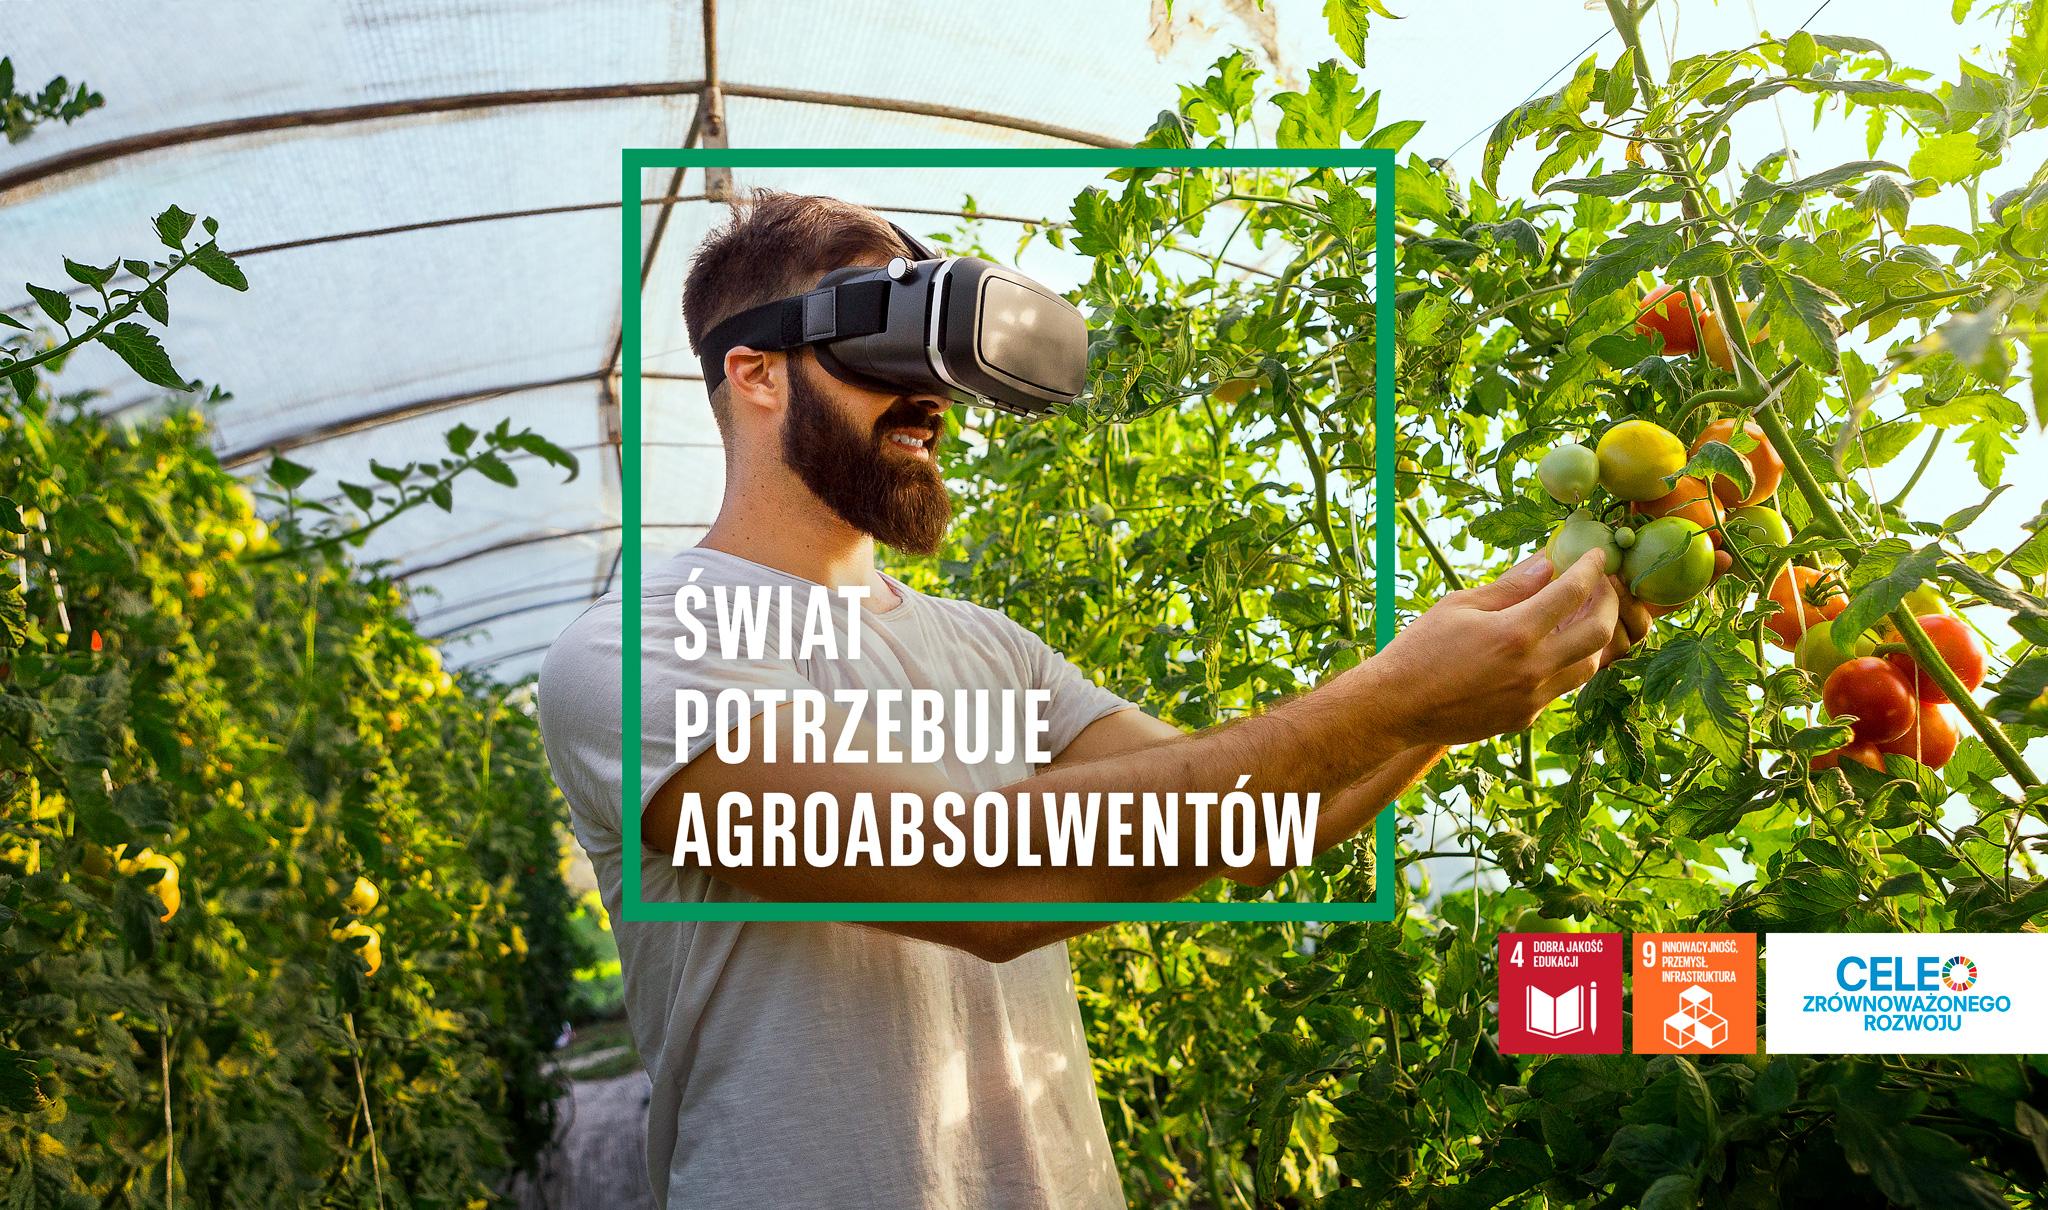 KONKURS na najlepszą pracę dyplomową AGRO. Świat potrzebuje agroabsolwentów!